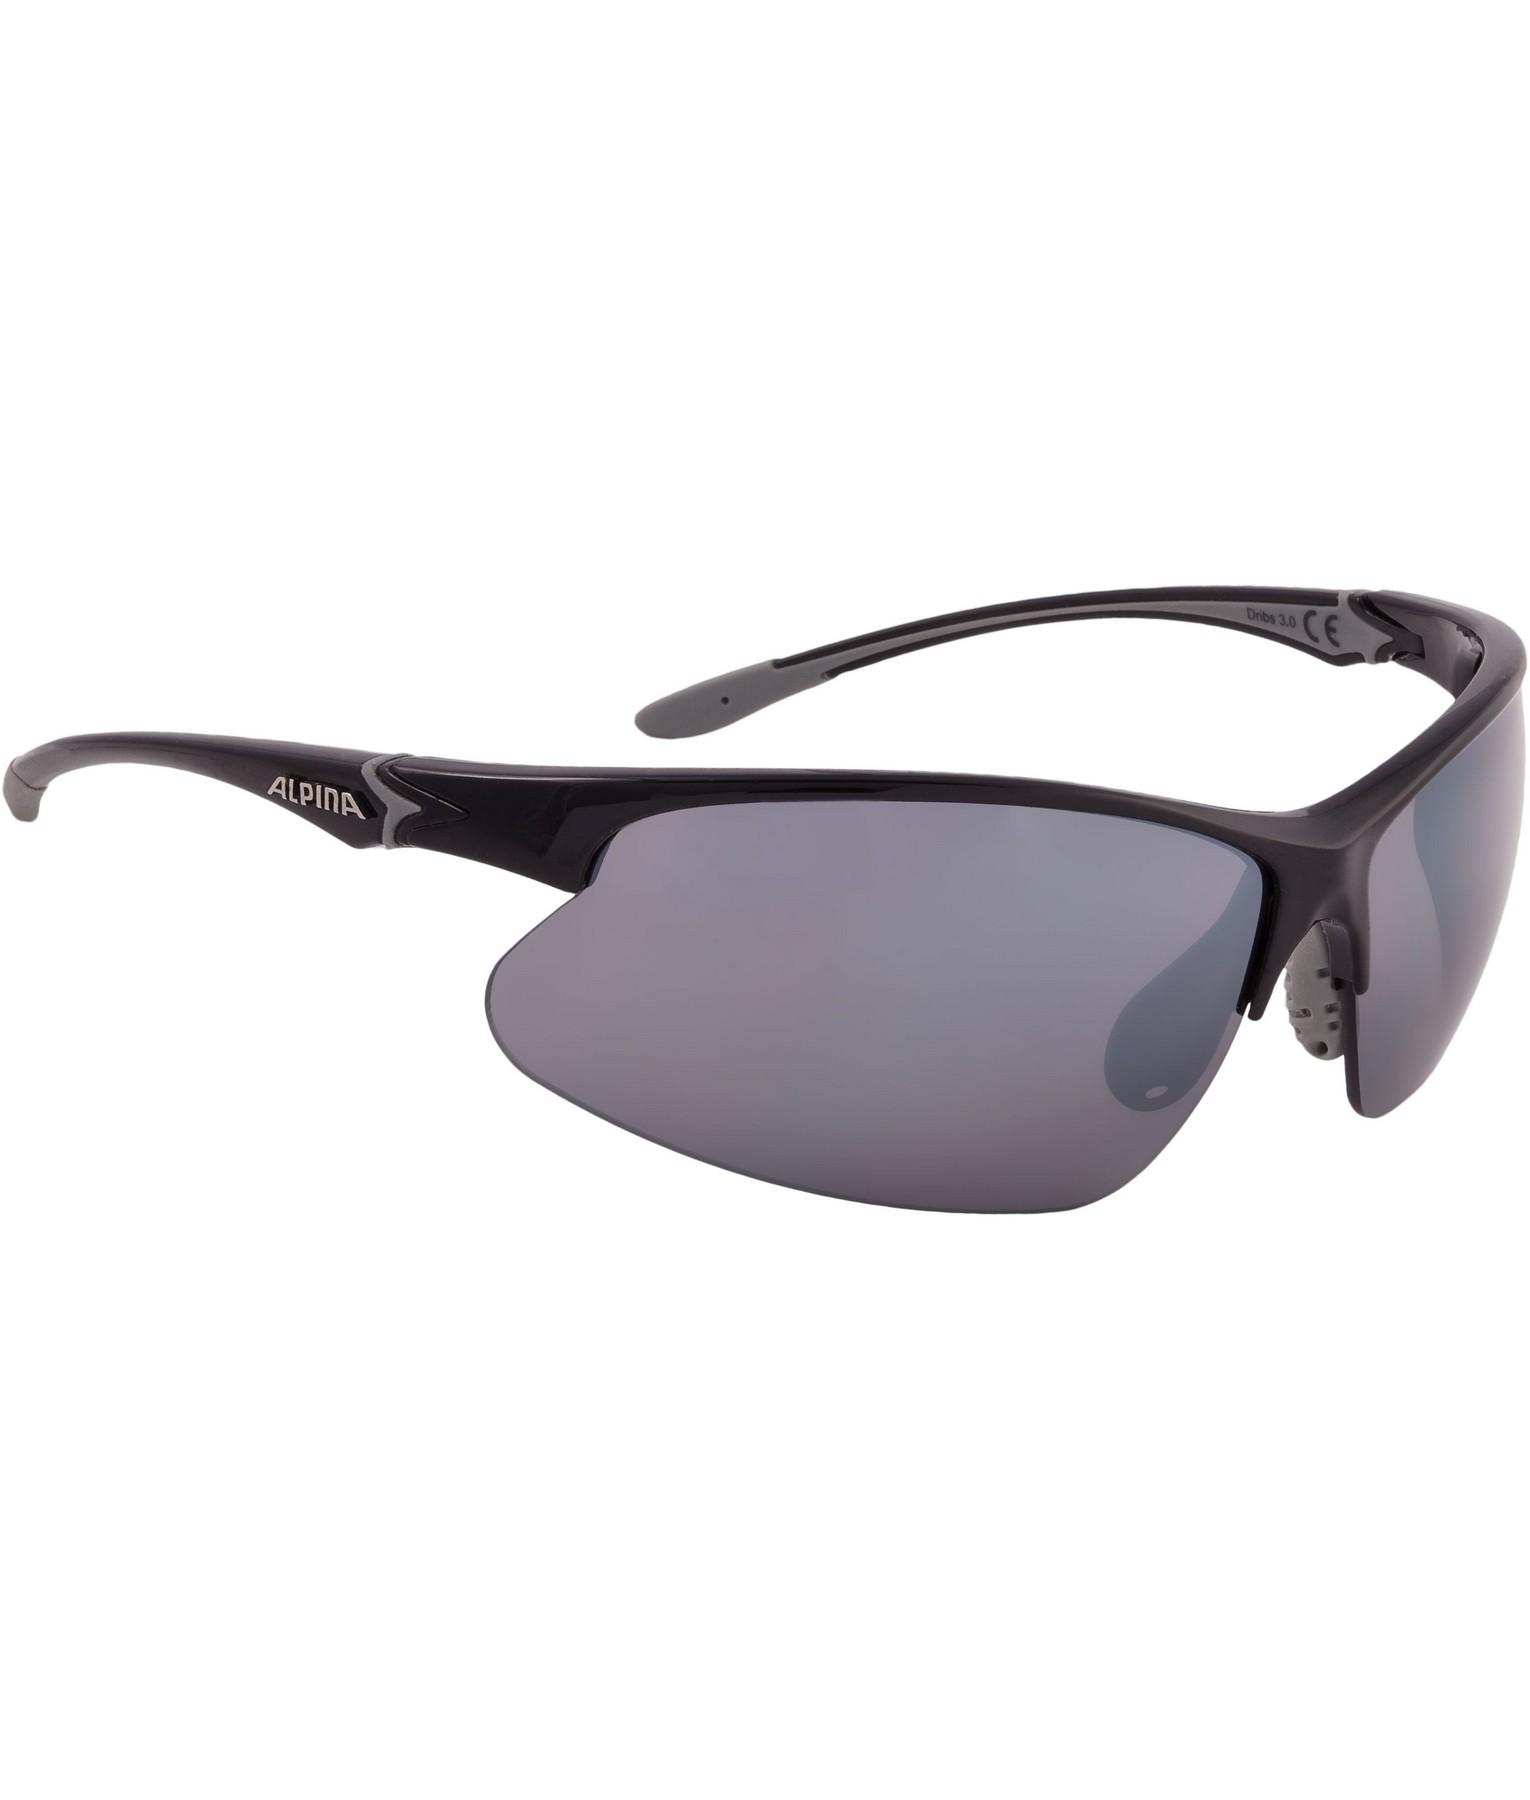 Alpina DRIBS 3.0, naočale, siva